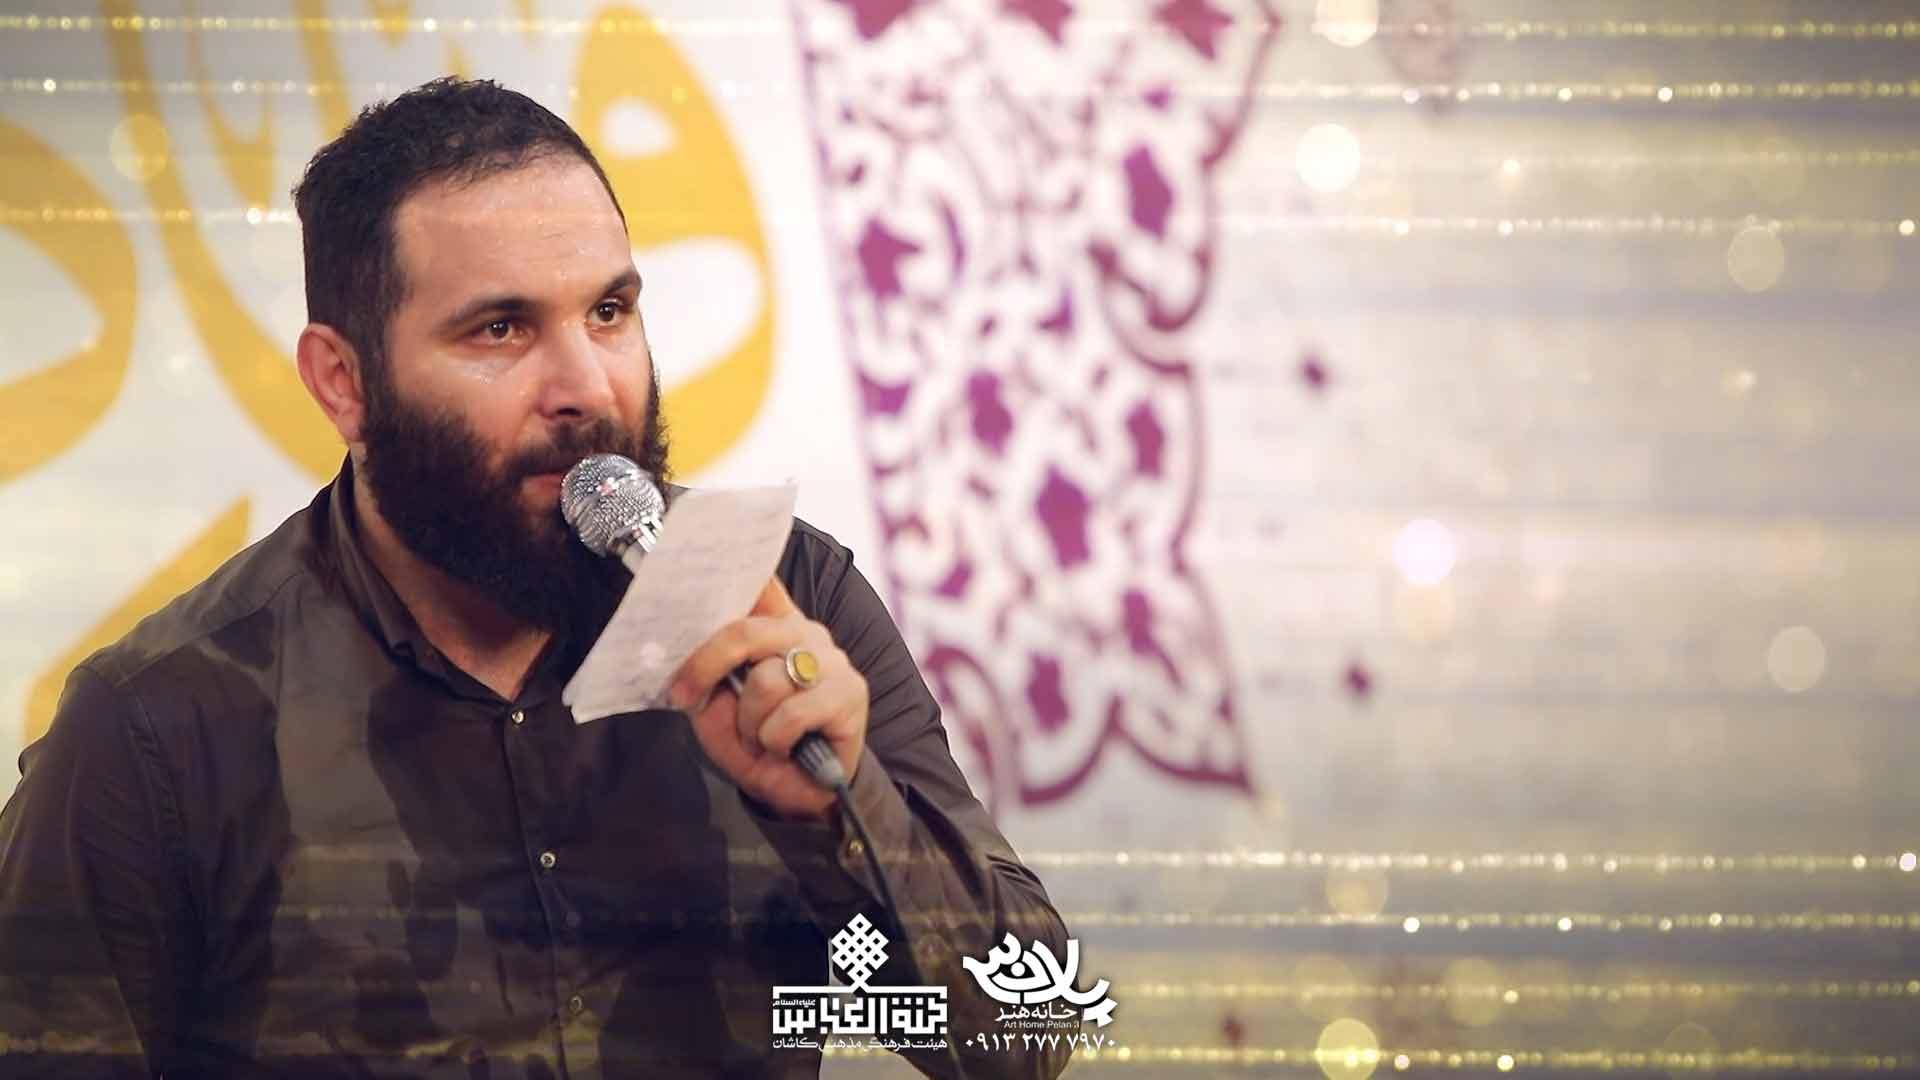 بهترین عموی دنیا محمدحسین حدادیان